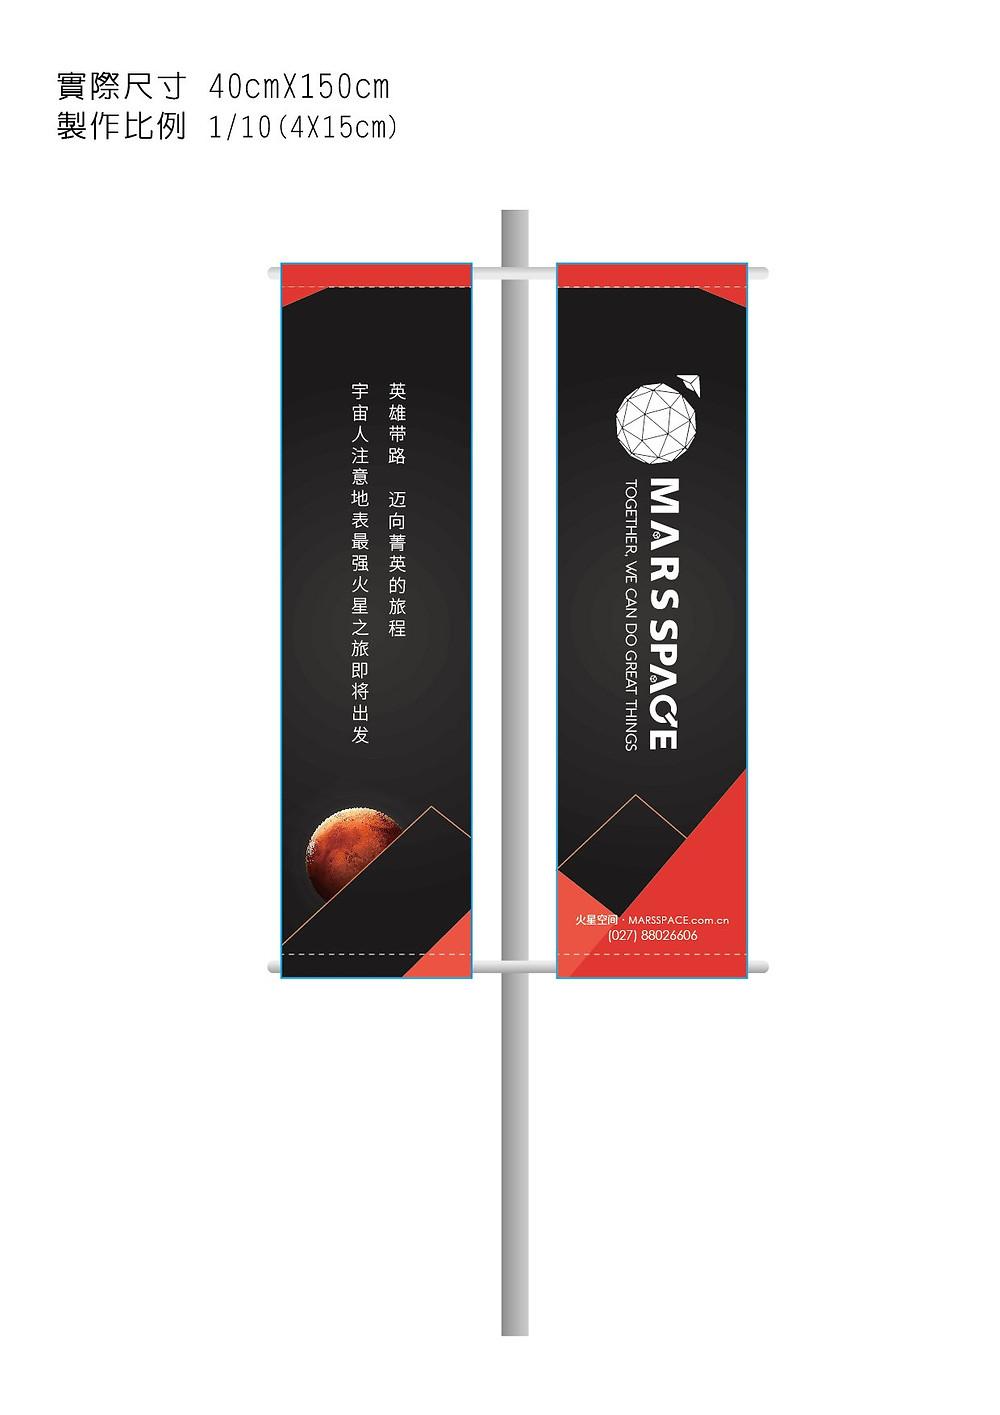 火星空間 園區關東旗設計